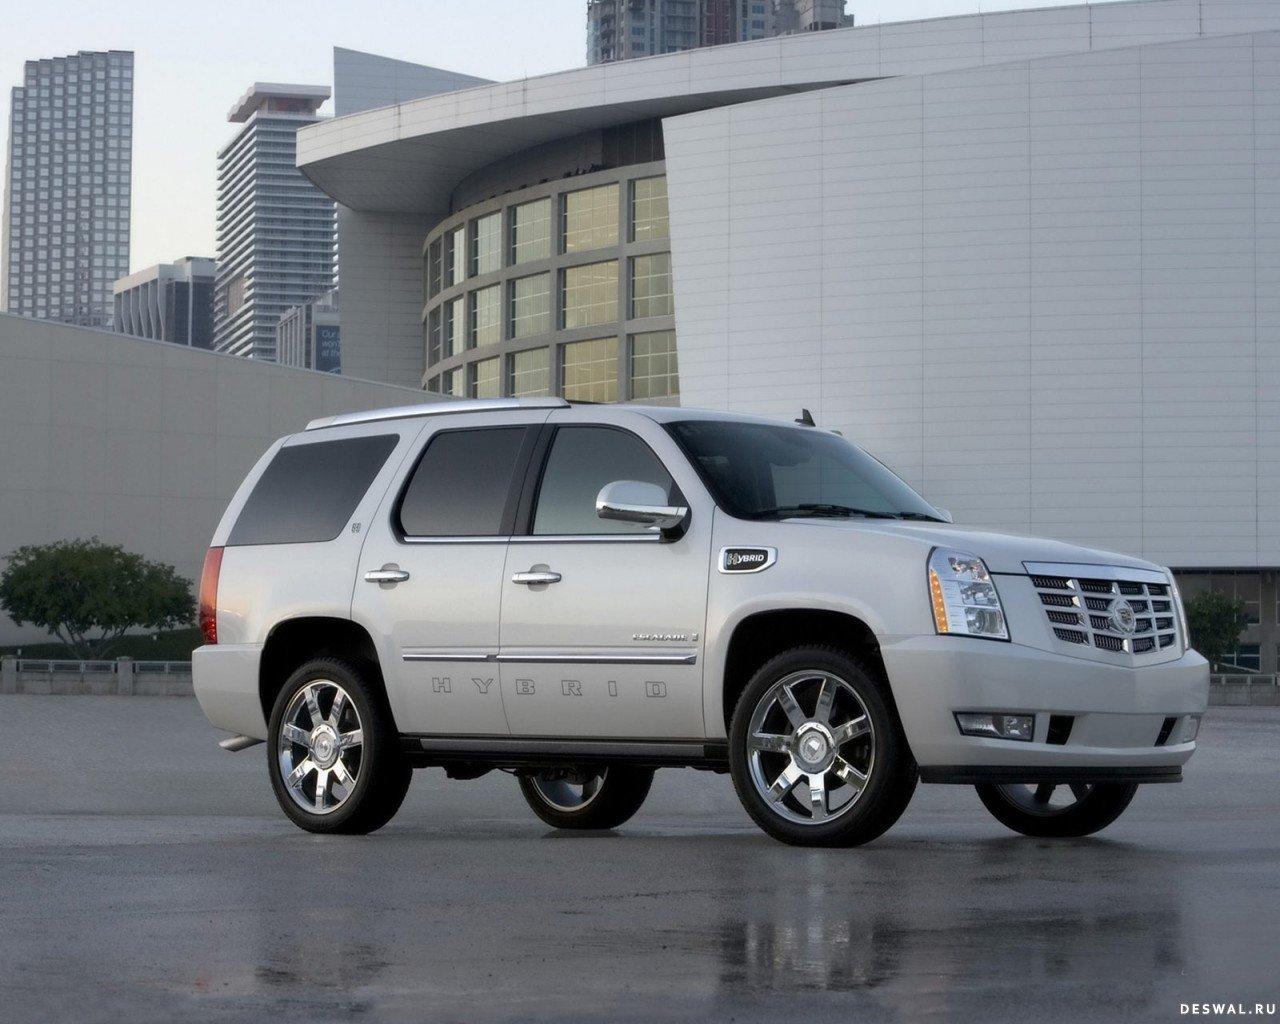 Автомобиль Кадиллак на хорошей обои, Нажмите на картинку с обоями автомобиля cadillac, чтобы просмотреть ее в реальном размере